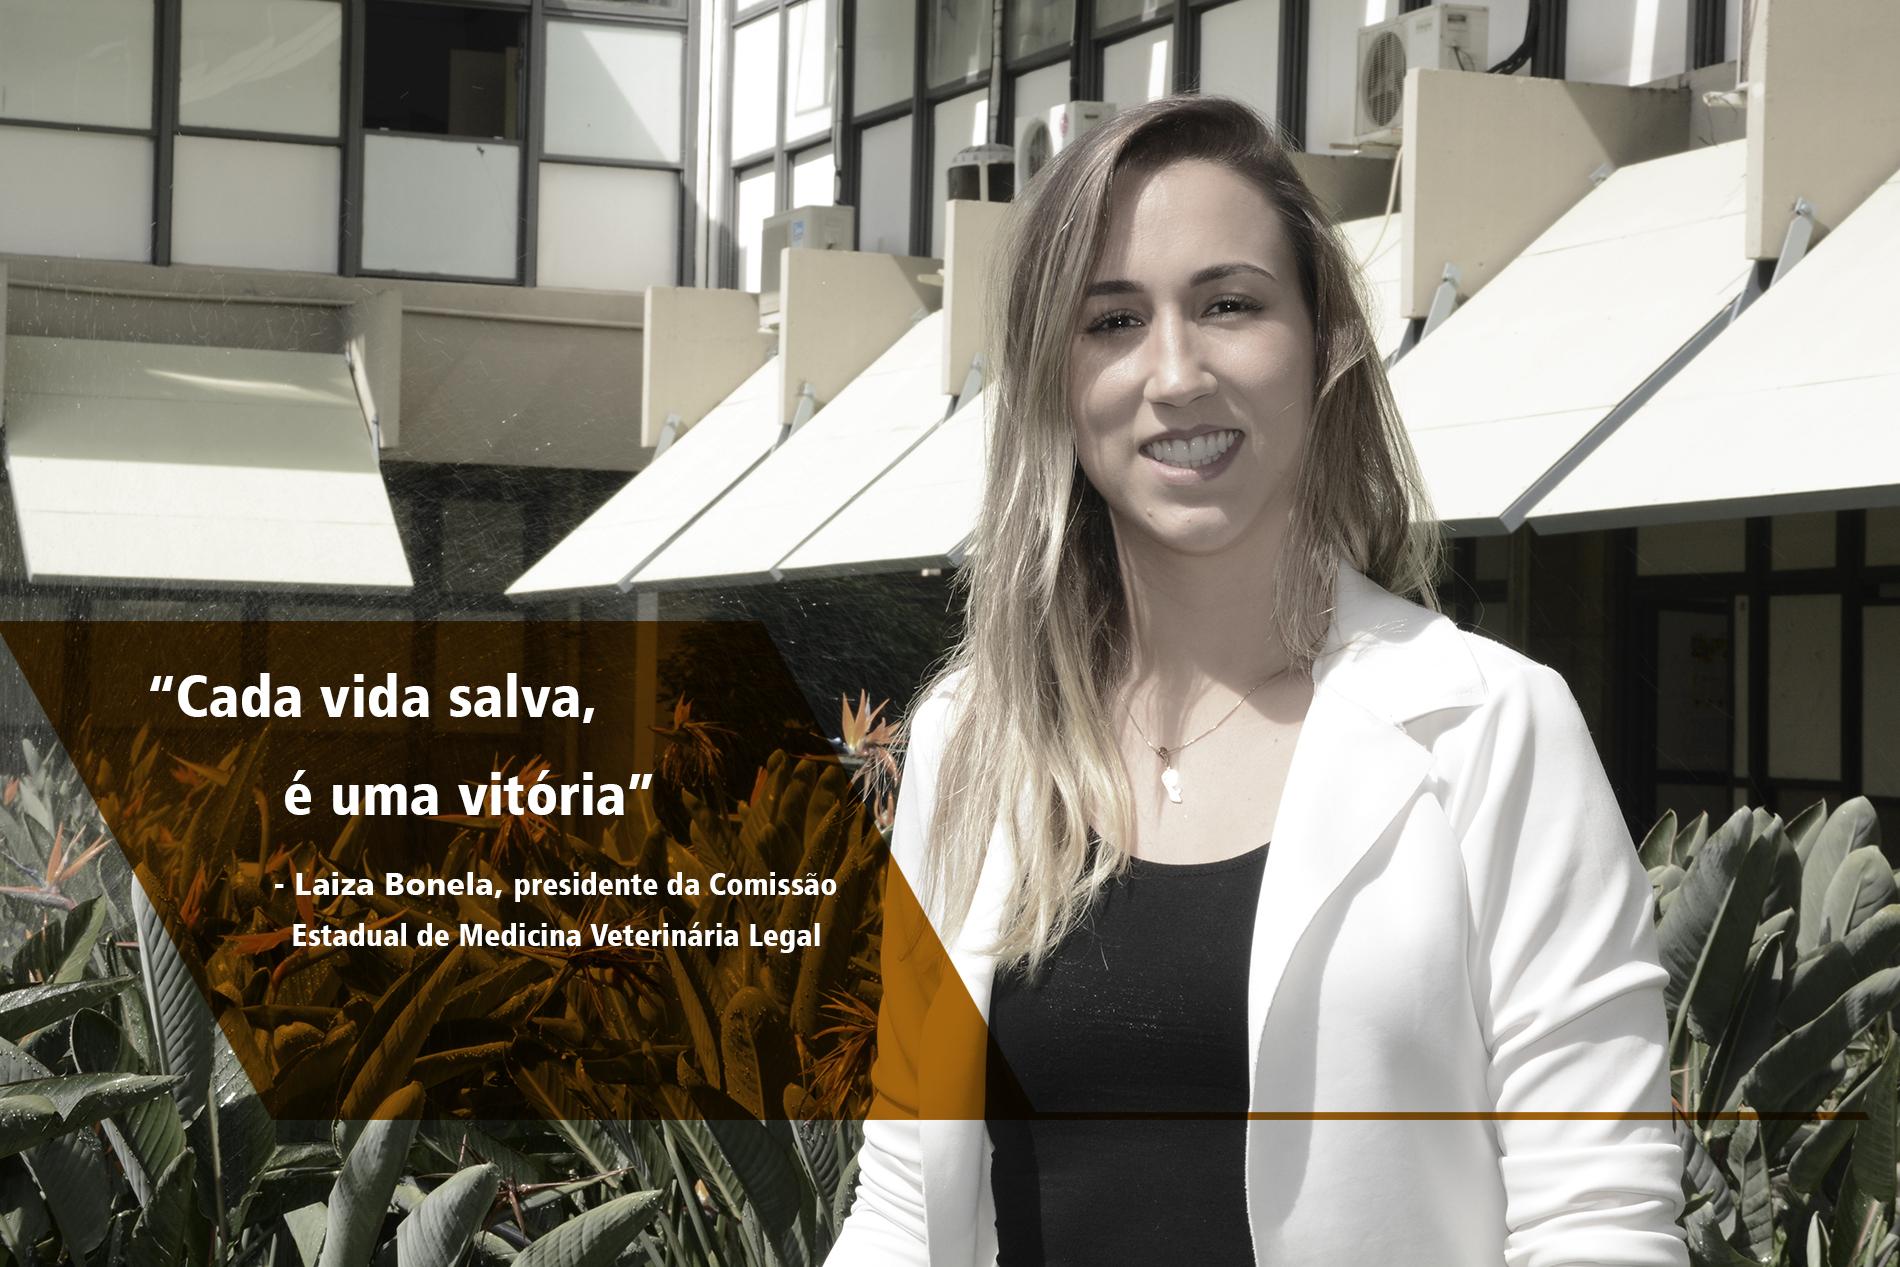 Laiza Bonela, presidente do Conselho  Regional de Medicina Veterinária Legal